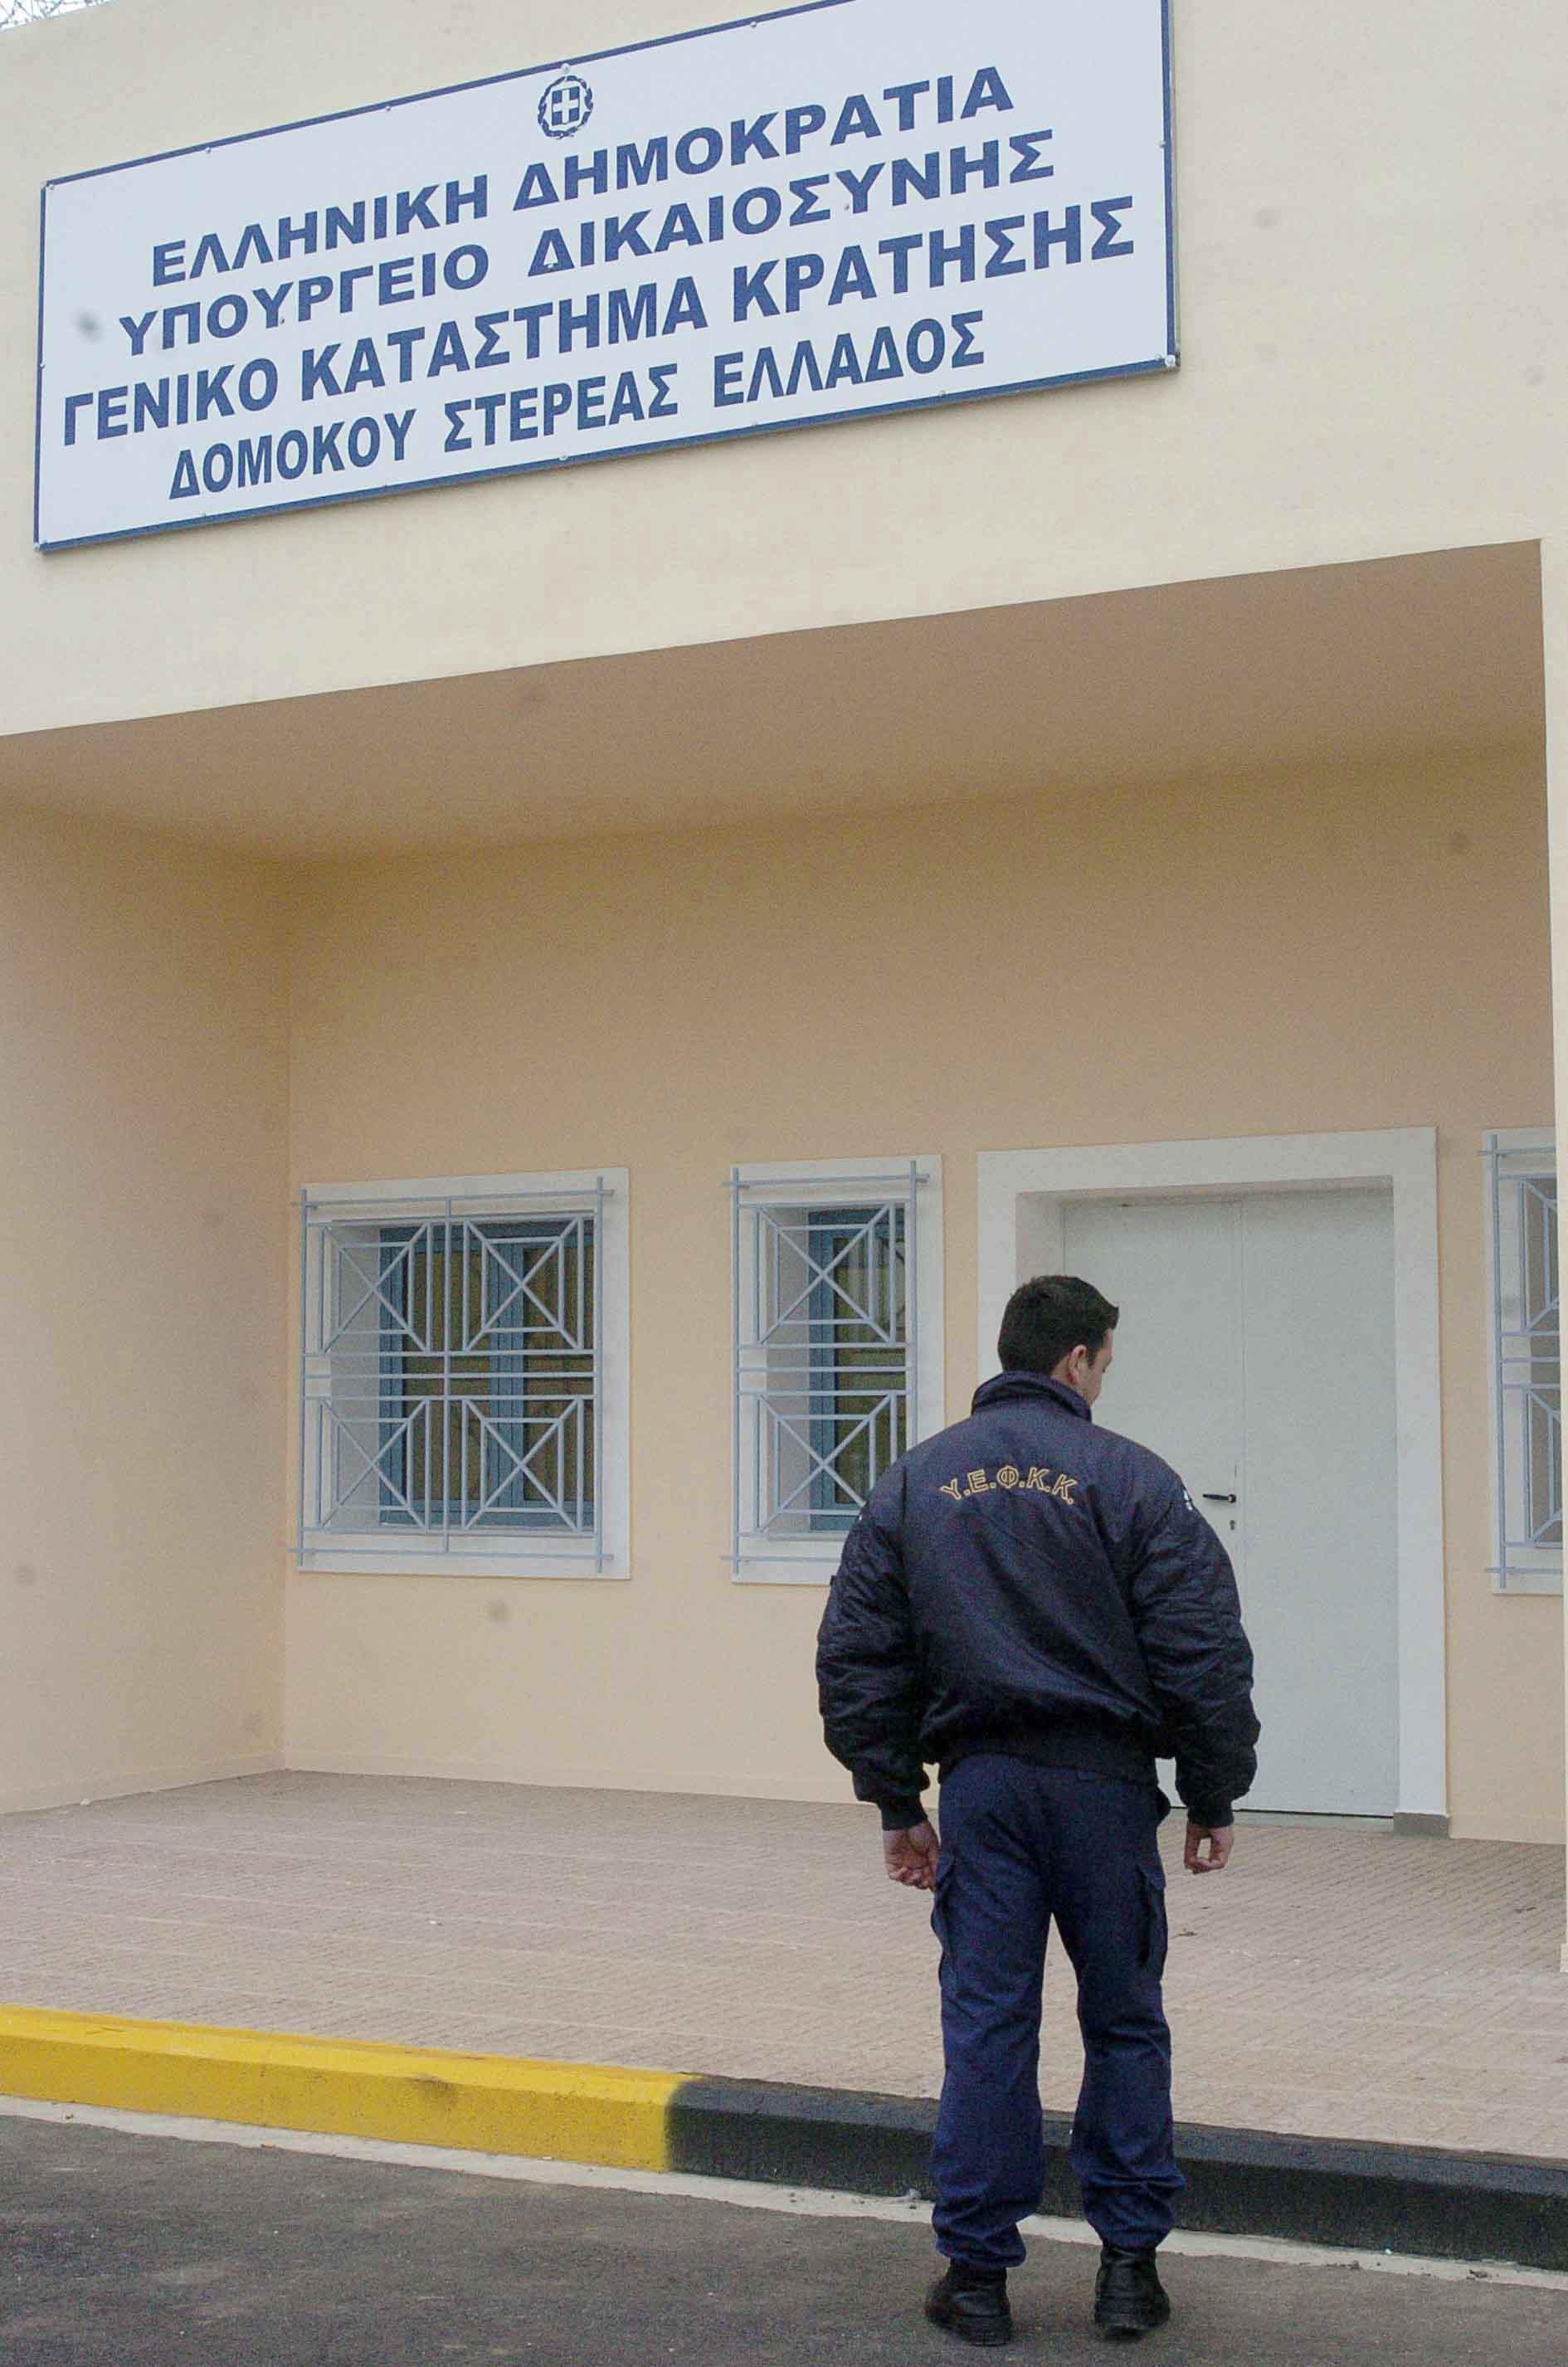 Αποτέλεσμα εικόνας για φυλακεσ δομοκου